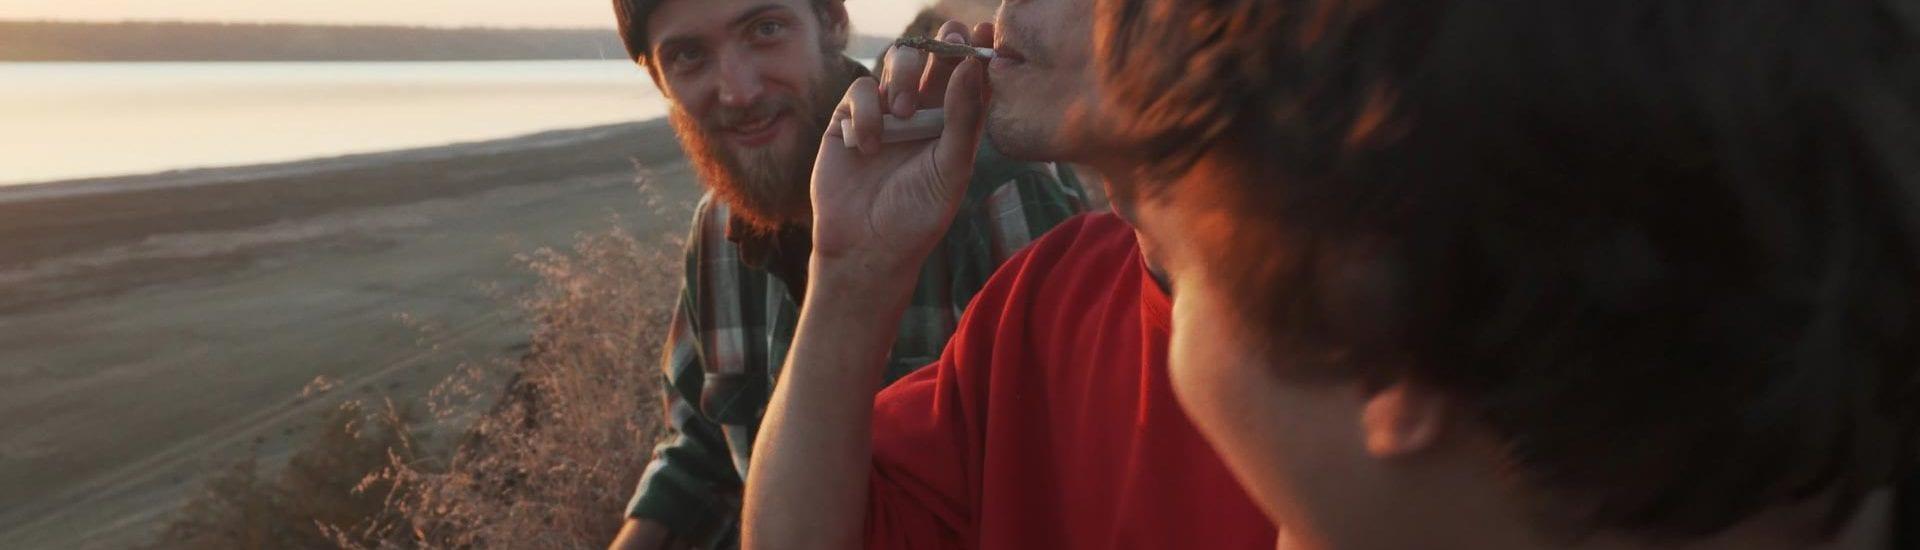 Millenials sostienen y potenciarán la industria del cannabis